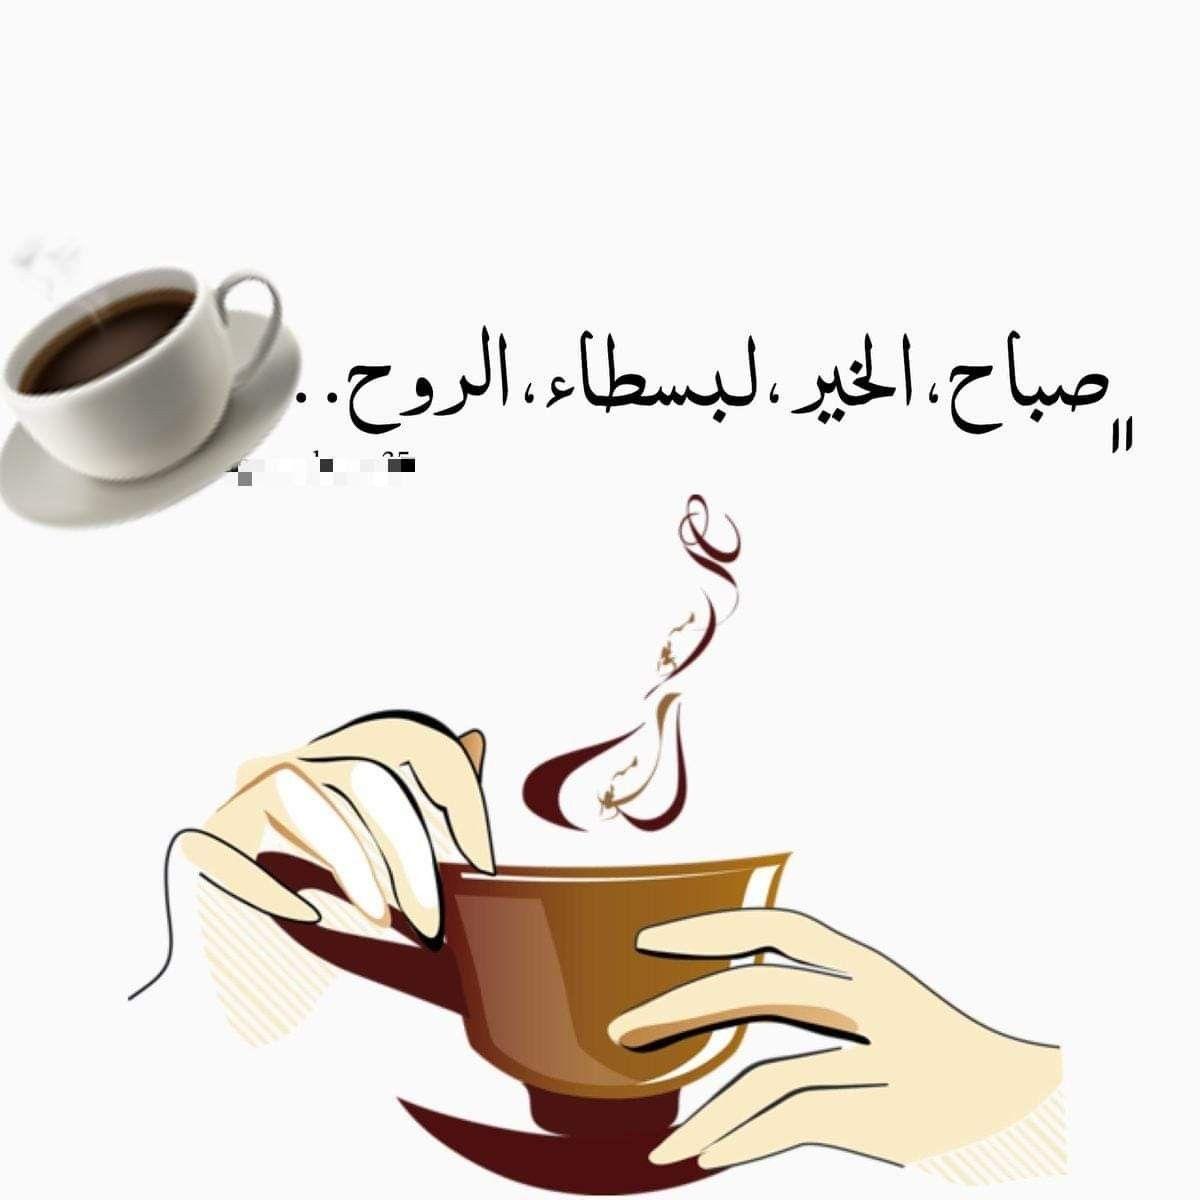 صباح الخير للأرواح التي لم تتلقى تحية الصباح من أحد لمن يتناولون الآن القهوة بمفردهم للعالقه بقلوبهم أحلام وأمنيا Instagram Posts Tableware Glassware